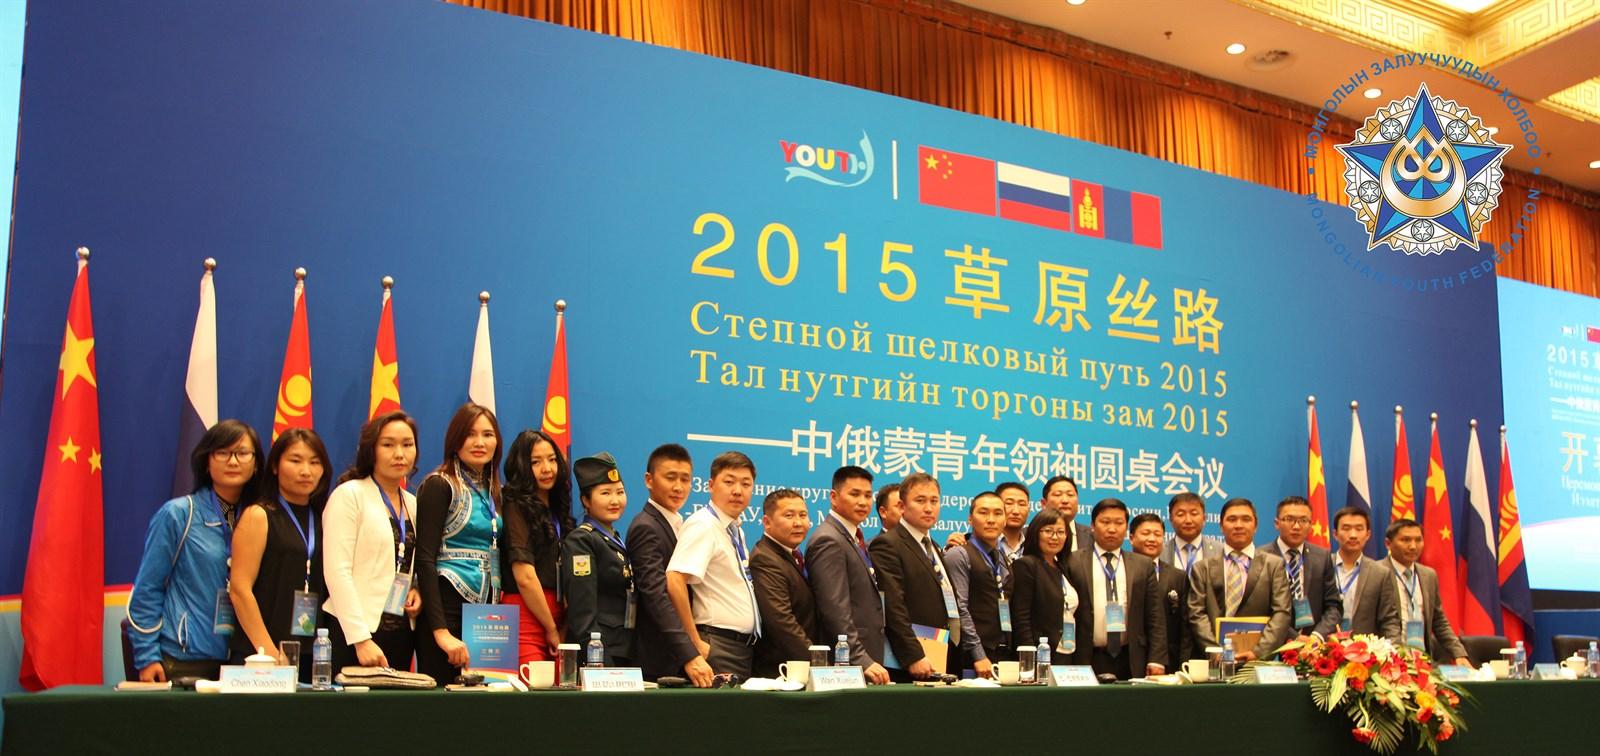 Залуу удирдагч нарын дугуй ширээний уулзалтын аяны тэмдэглэл